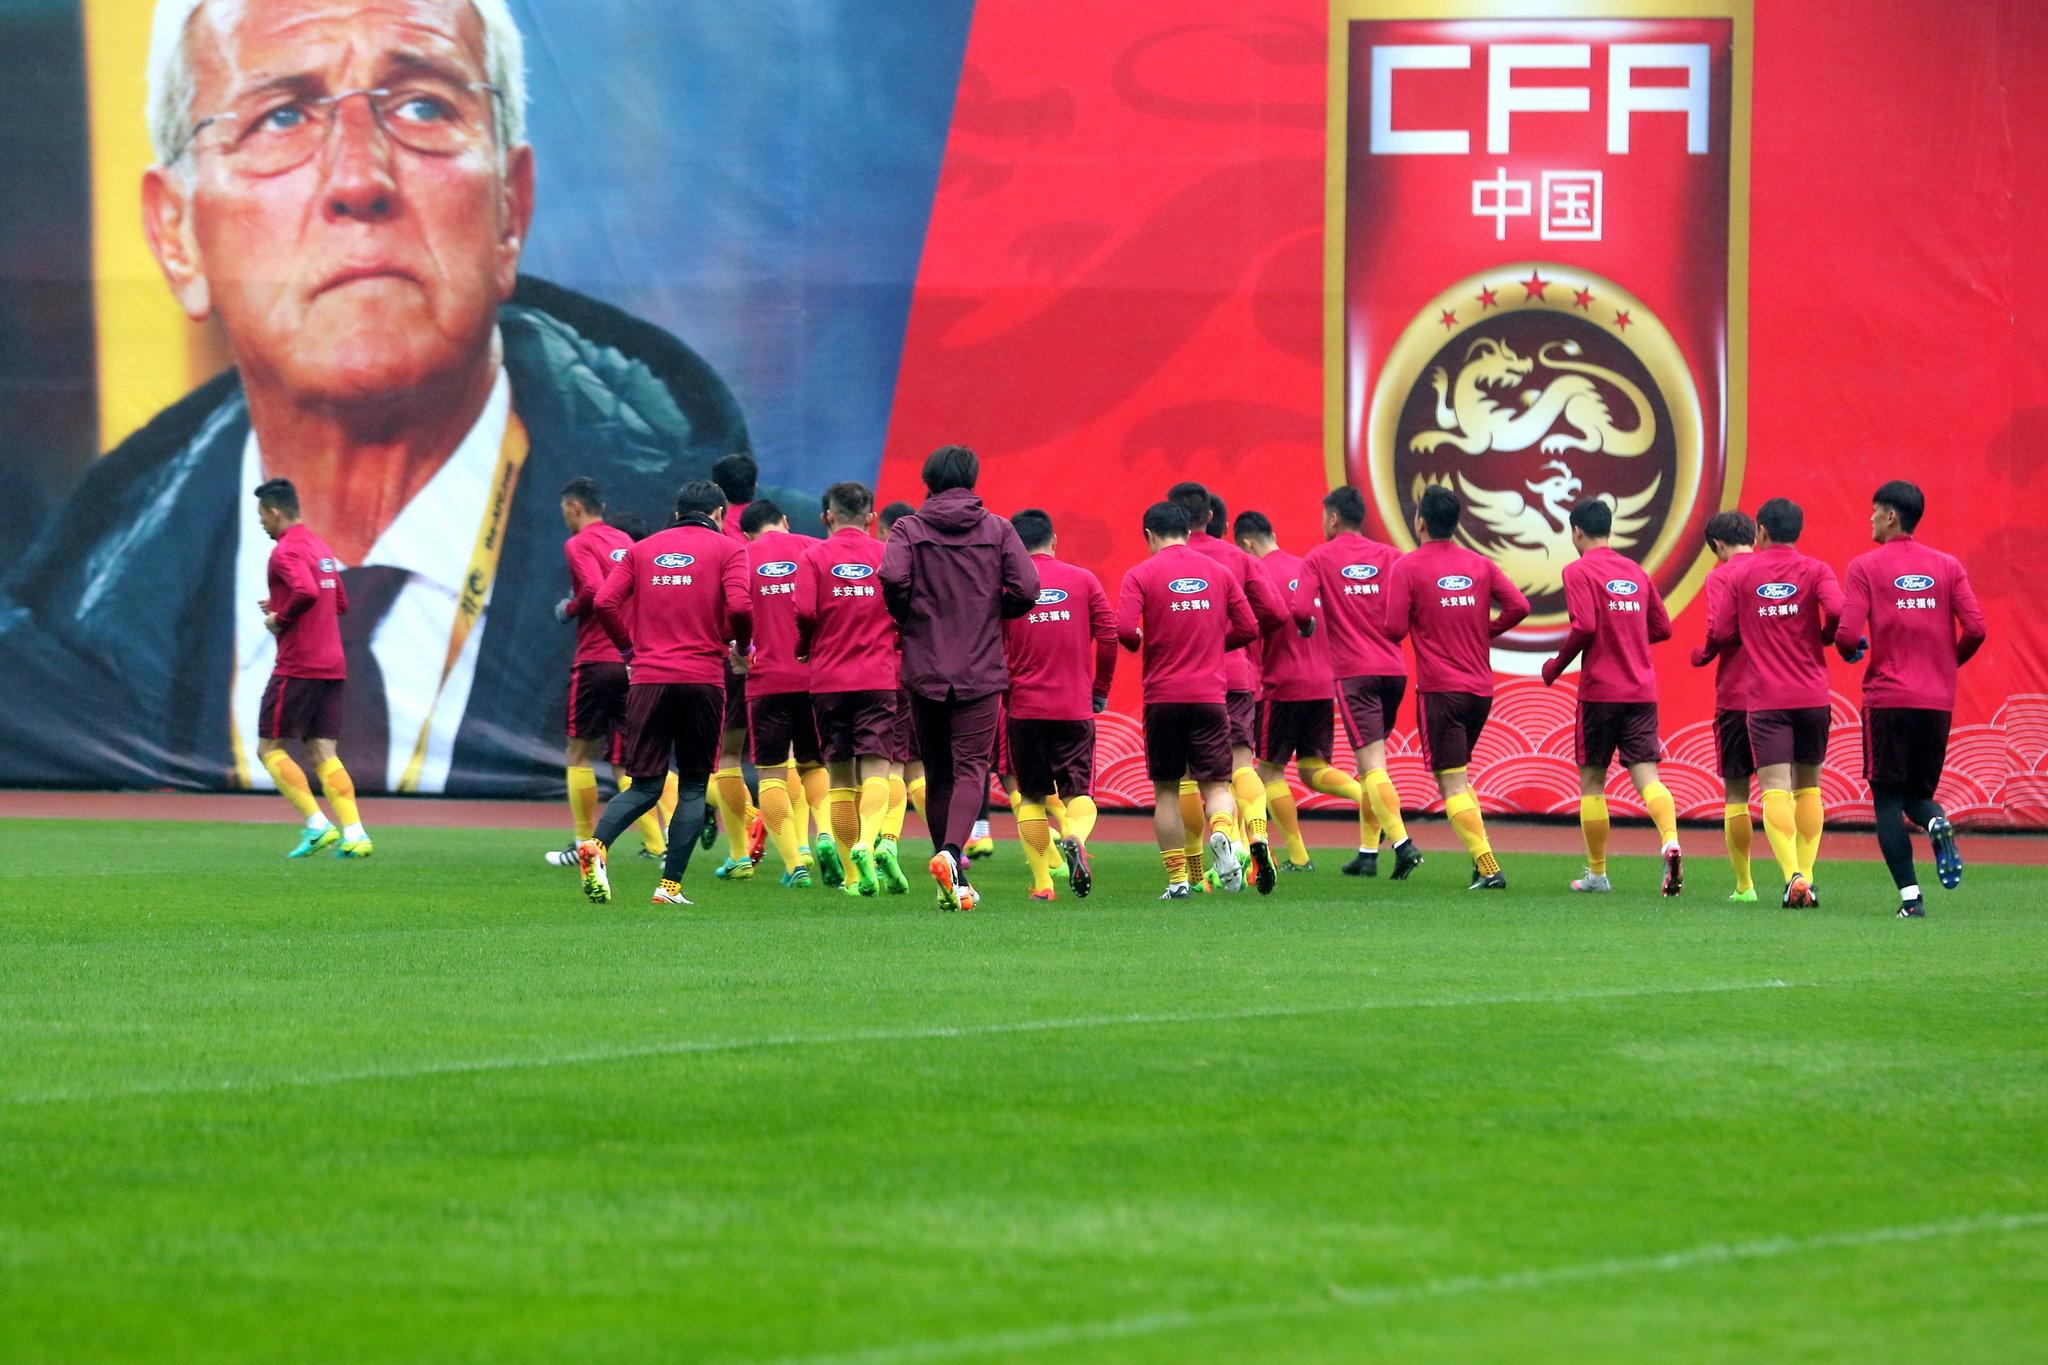 天空体育:武磊是中国希望 但他能拯救中国足球吗